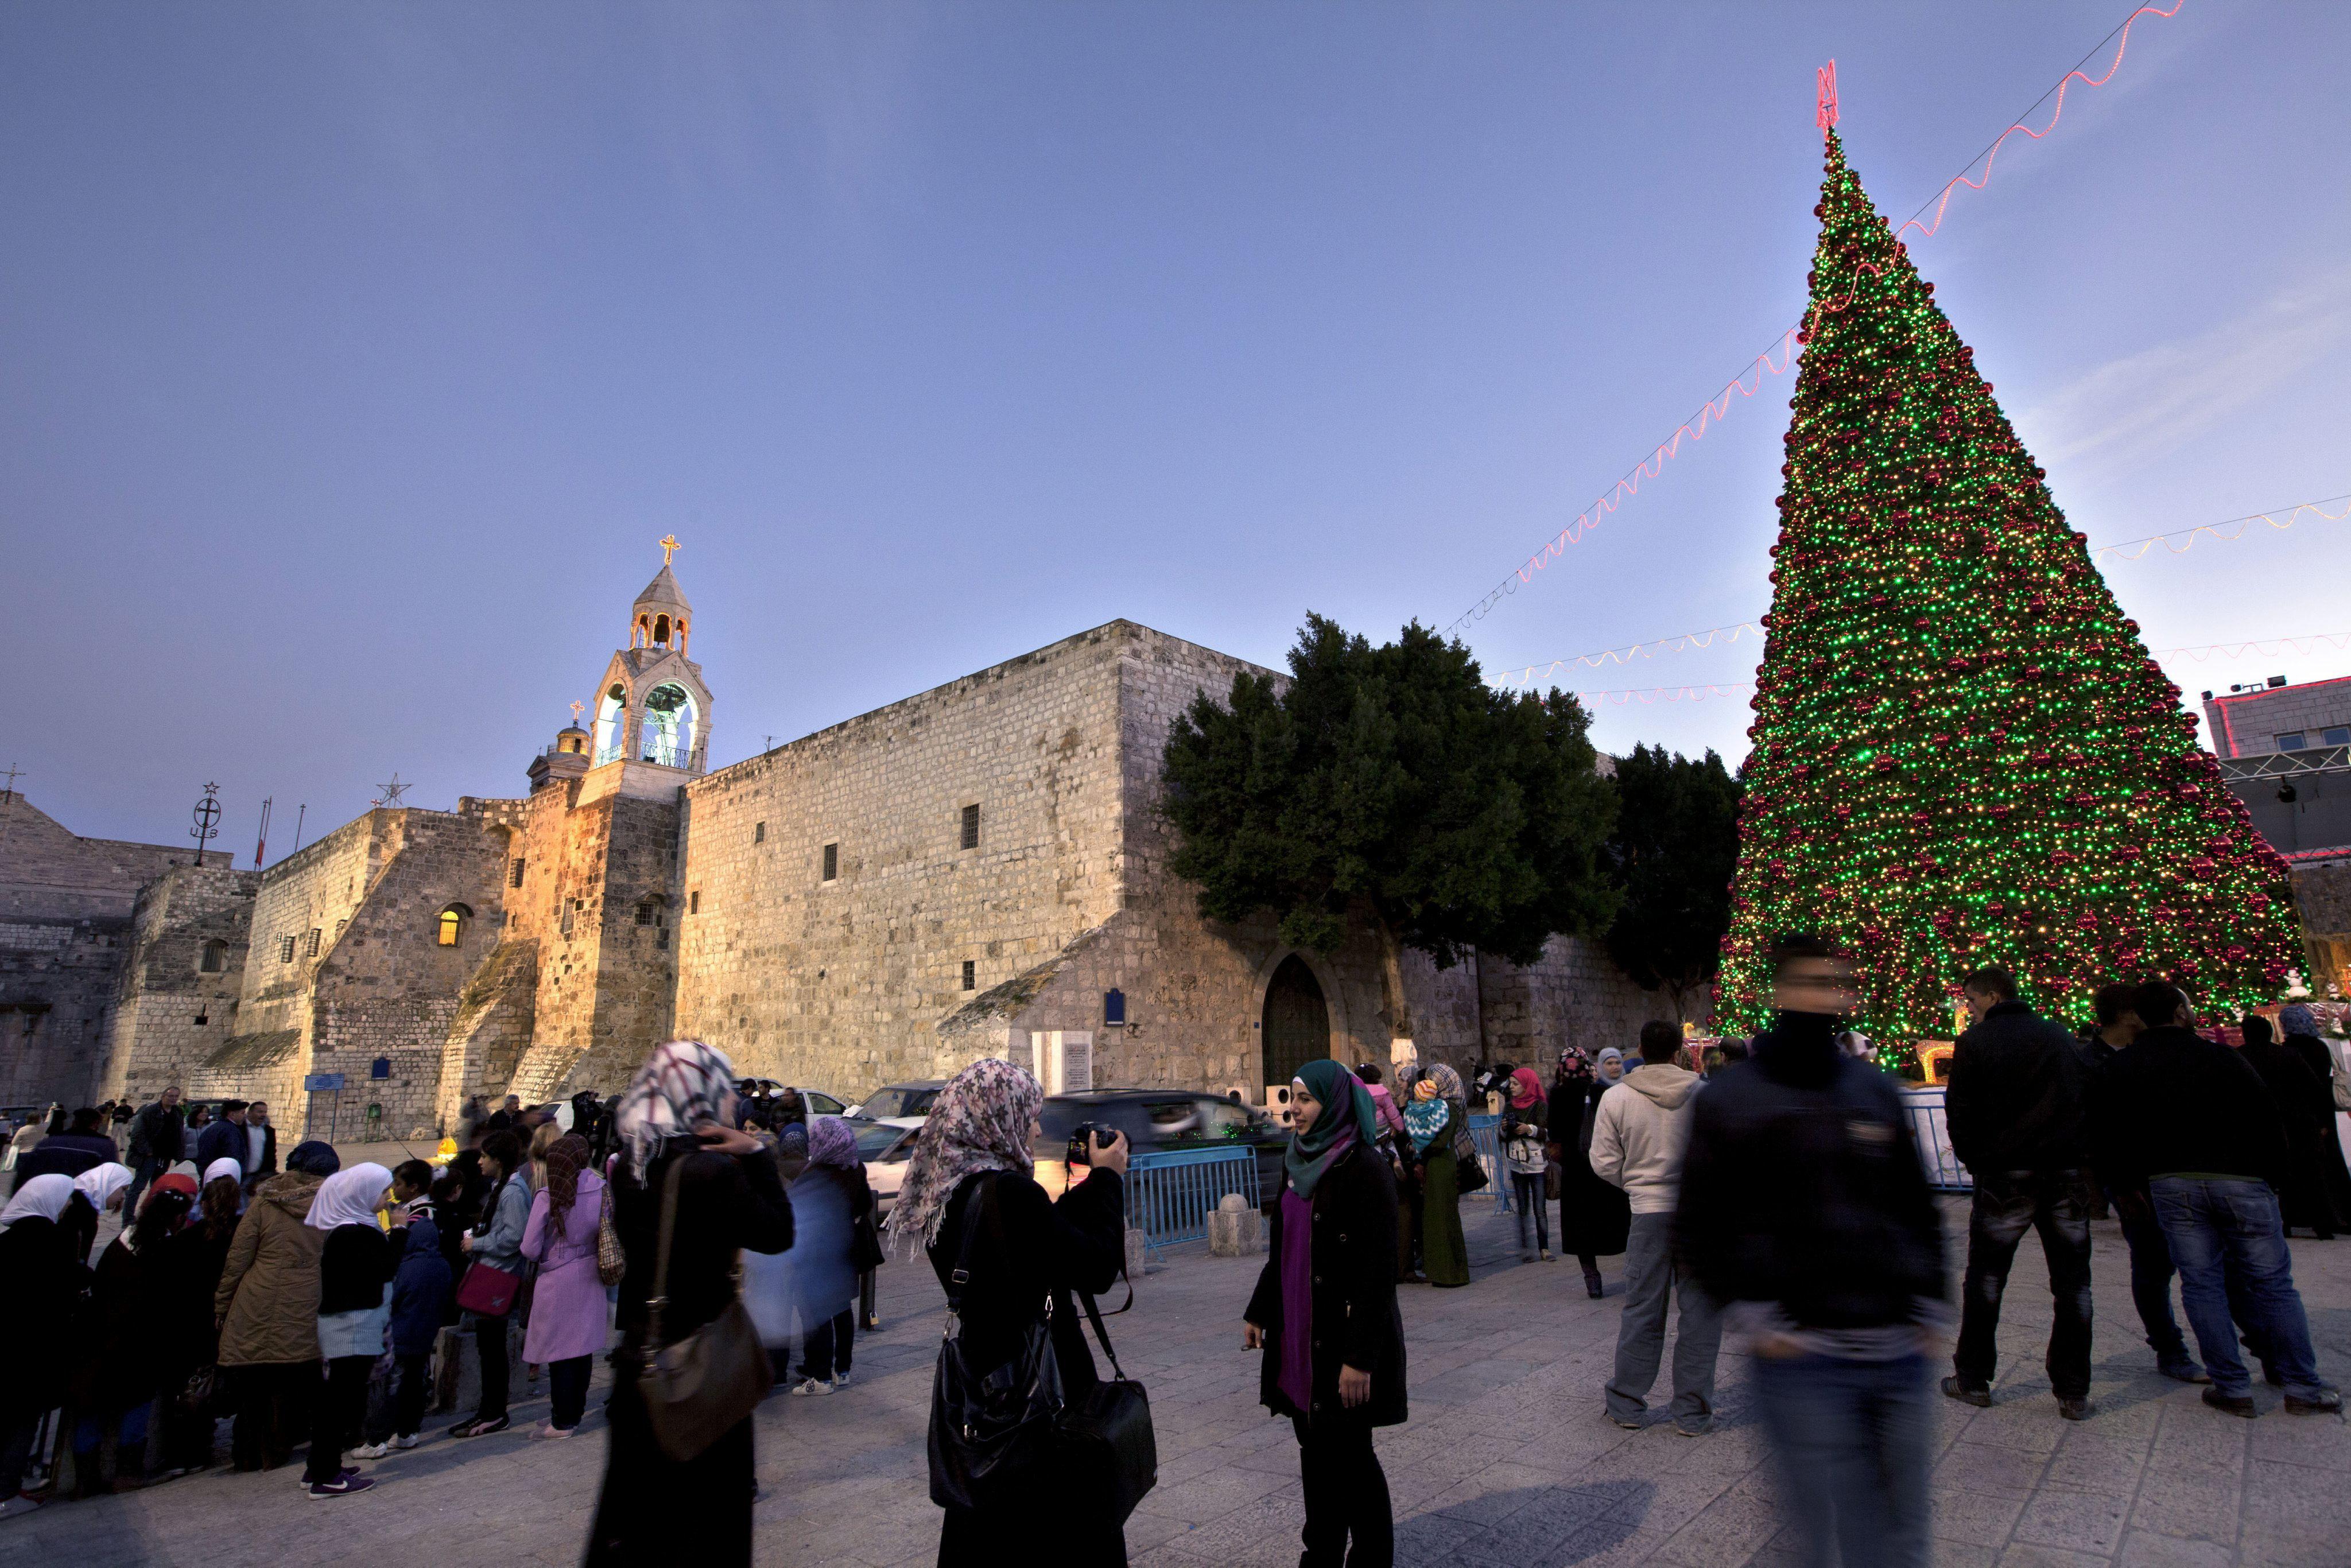 España hace entrega de 100.000 euros para restaurar la Basílica de la Natividad